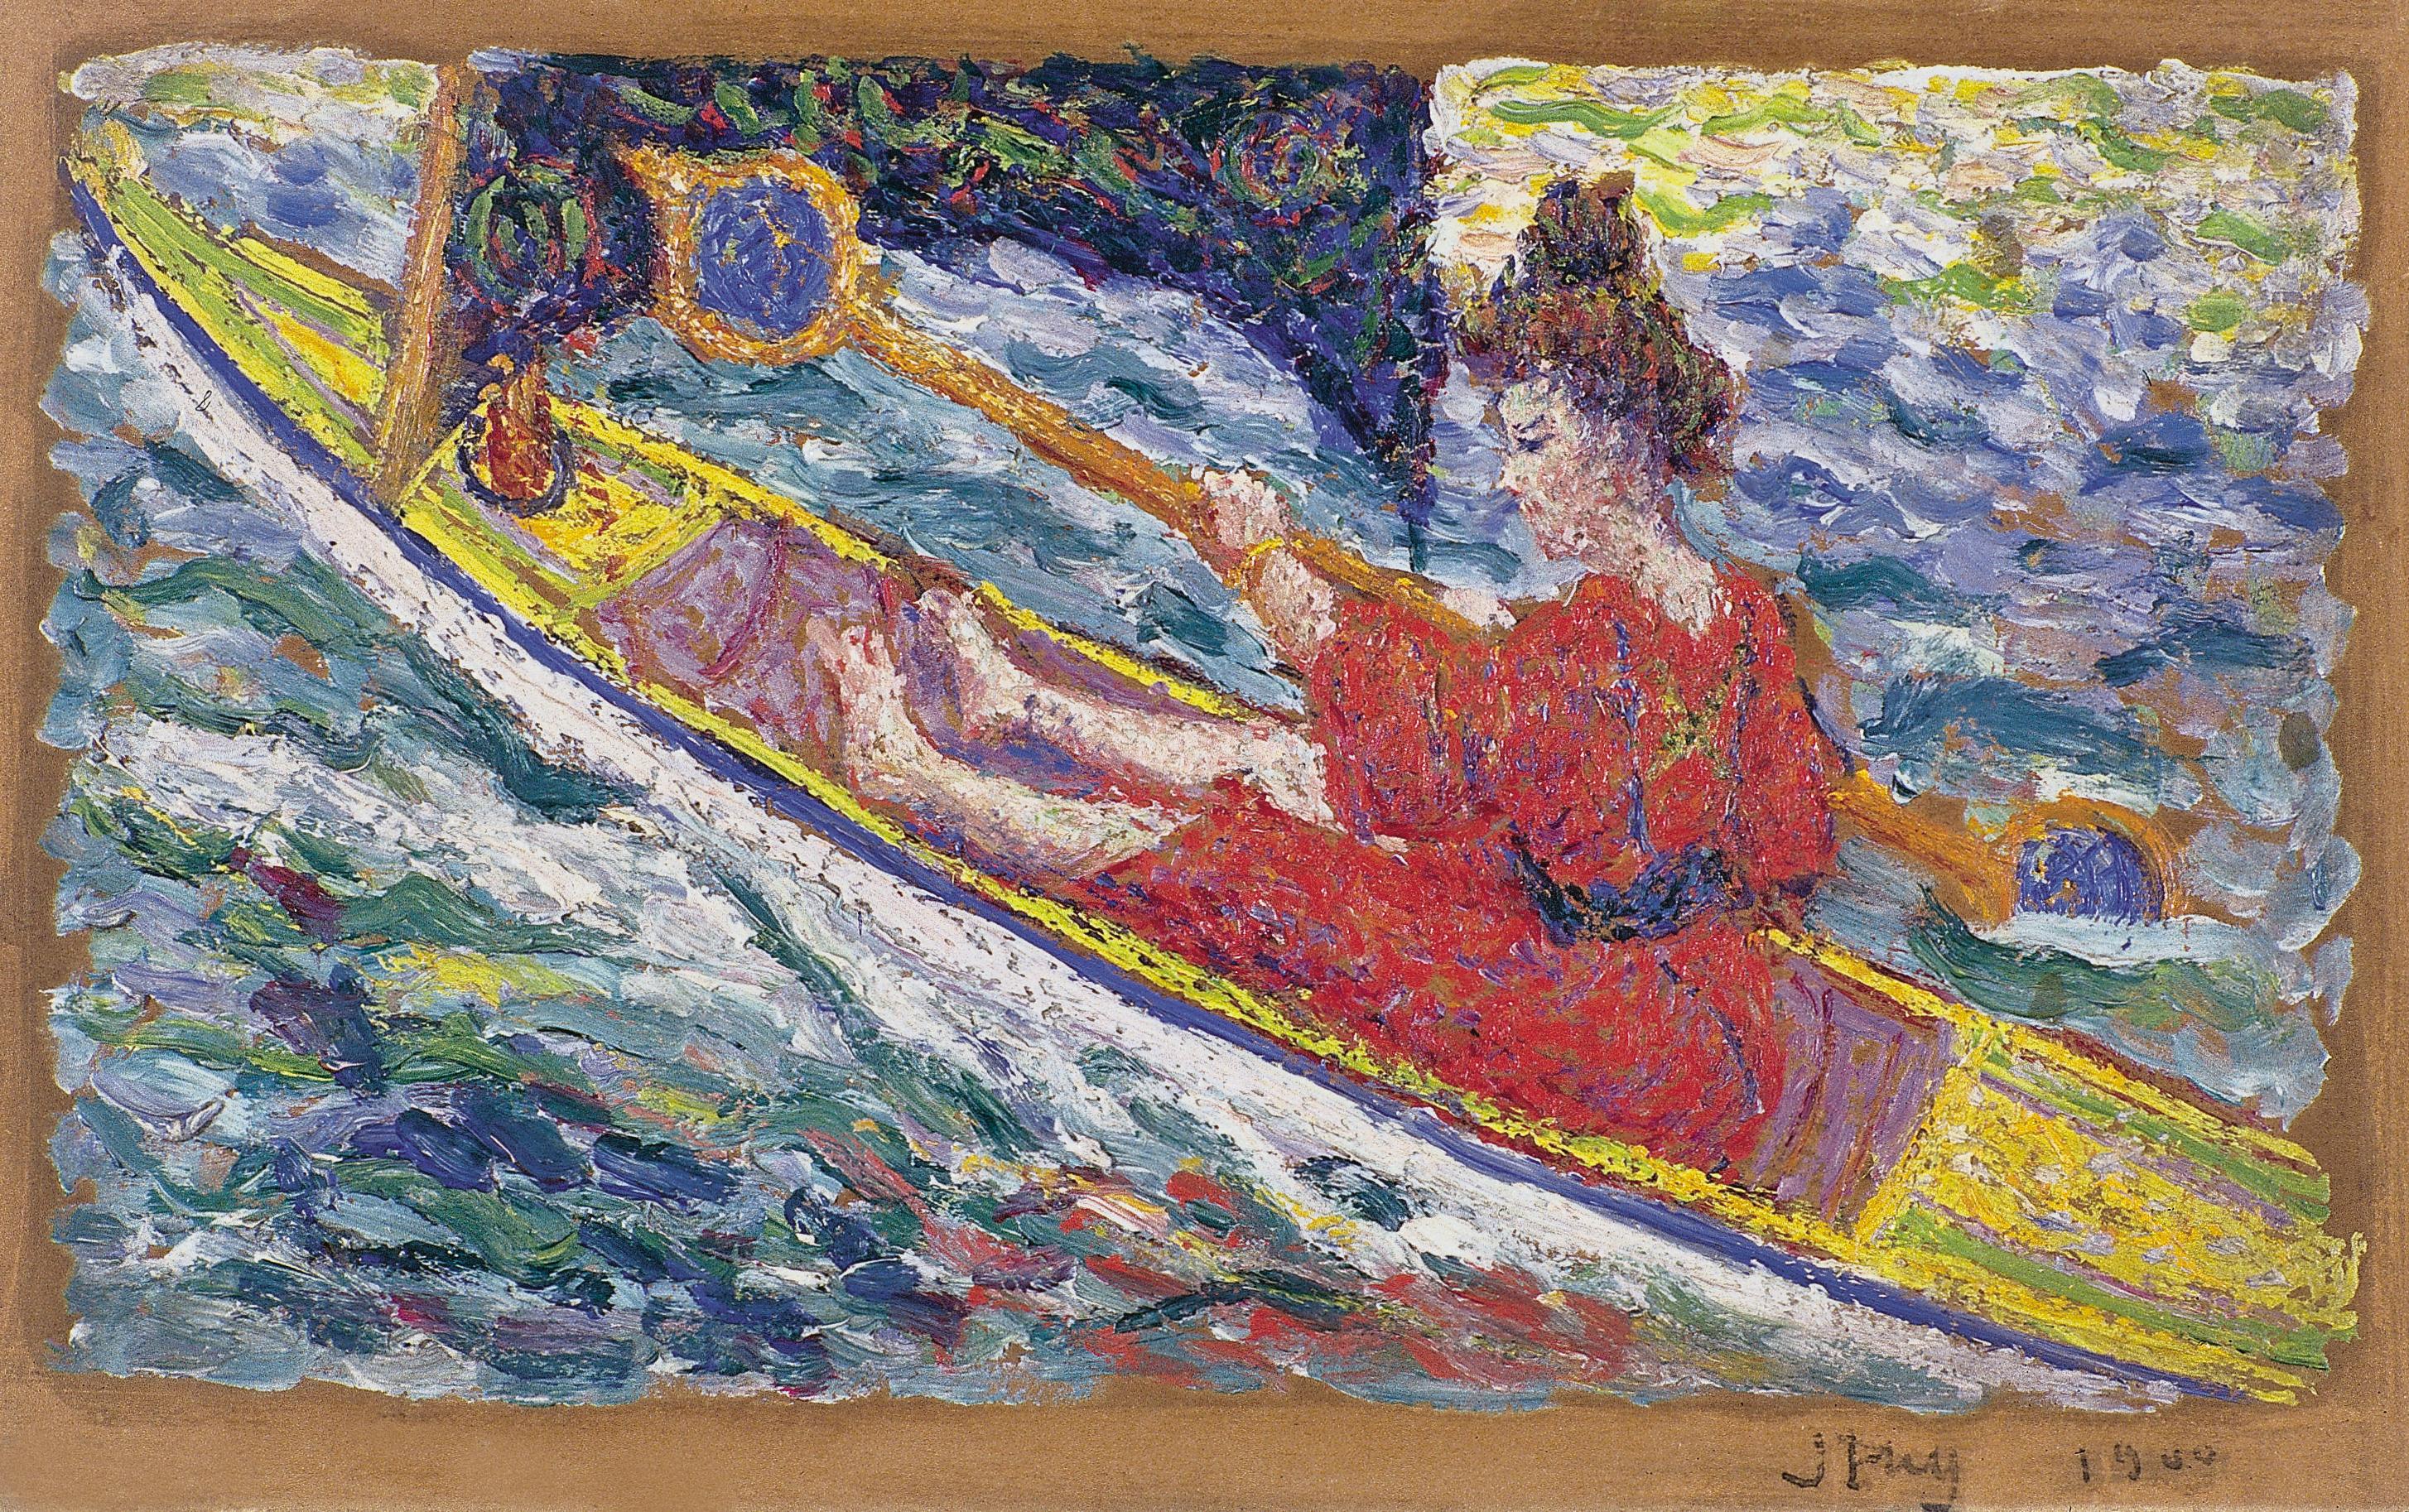 Marthe au canoë, 1900, collection particulière. Huile sur carton, 15,5 x 25,5 cm, collection Michel Puy